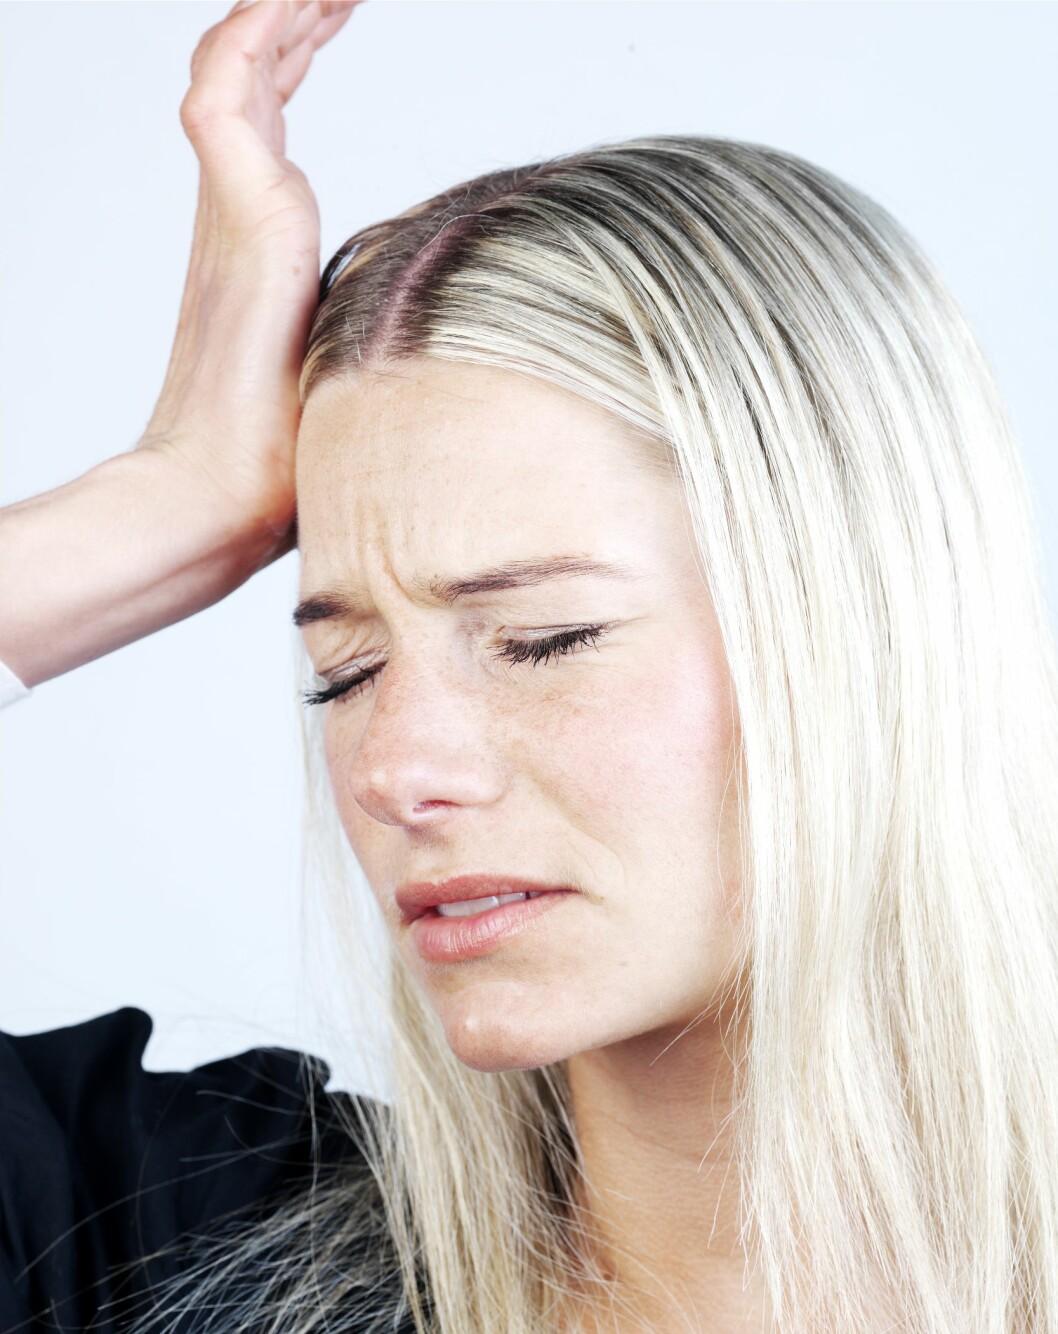 LOs sommerpatrulje har avdekket kritikkverdige forhold hos bedrifter i hele Norge. Blant annet ungdom som ikke har arbeidskontrakt, overtidsbetalt, som jobber svart og som får betalt under tariff. Foto: Colourbox.com Foto: Colourbox.com